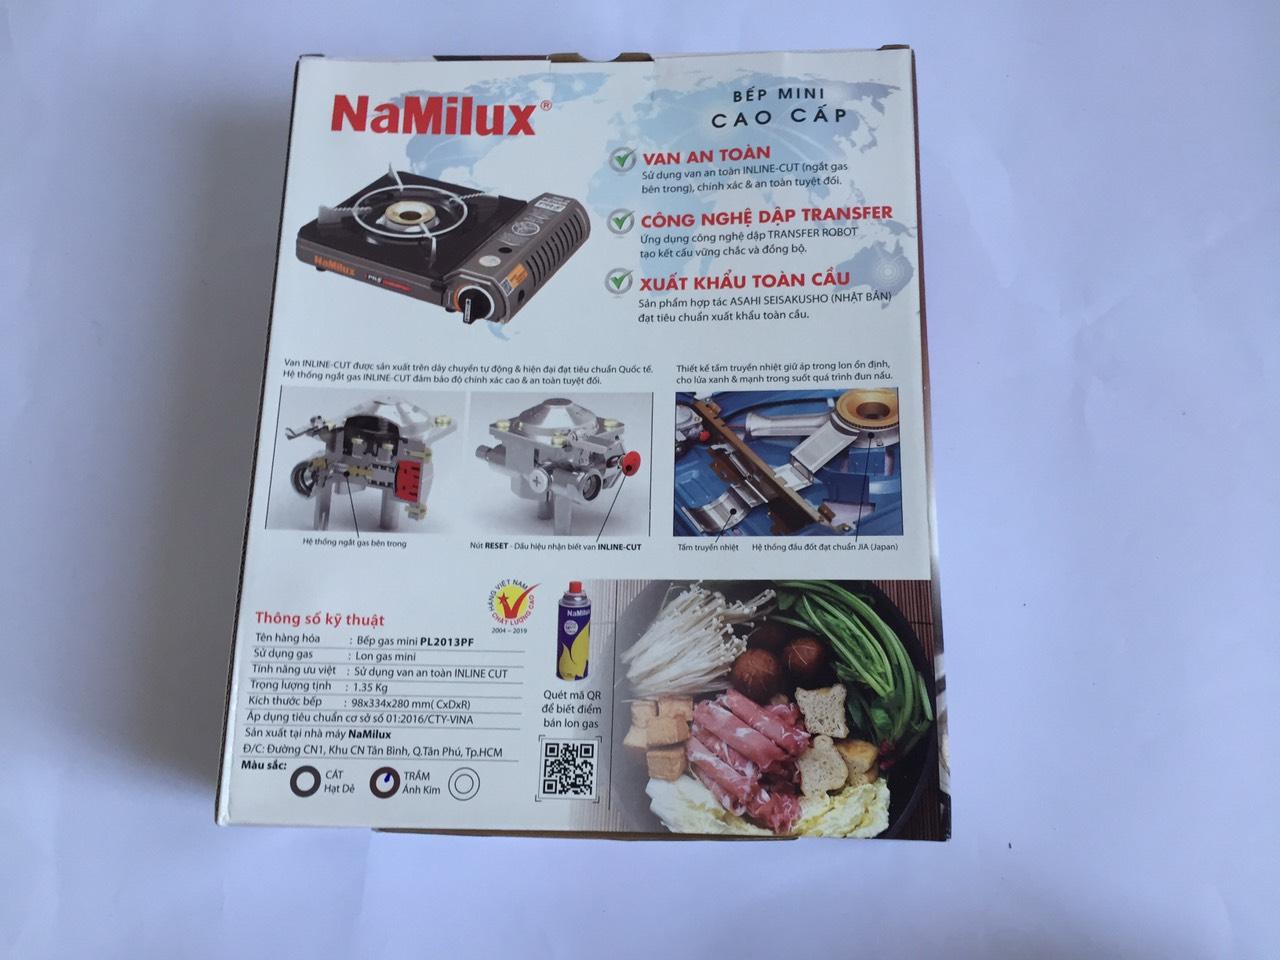 Bếp gas mini cao cấp NaMilux PL2013PF - Hàng chính hãng (Giao màu ngẫu nhiên)